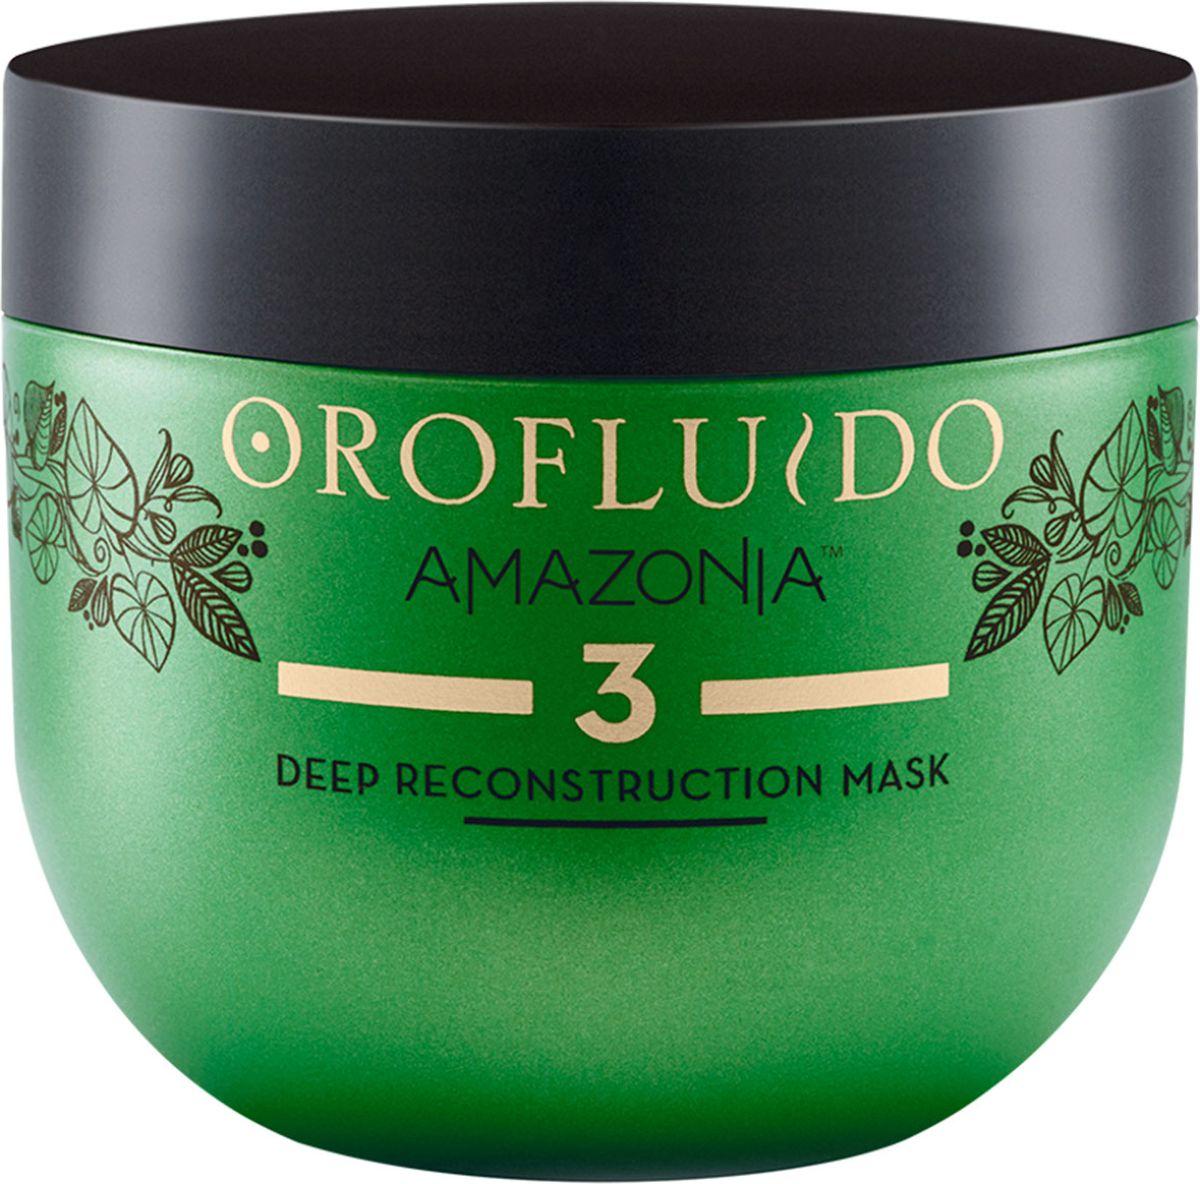 Orofluido Amazonia Deep Reconstruction Mask Шаг 3 Маска для глубокого восстановления волос, 500 мл